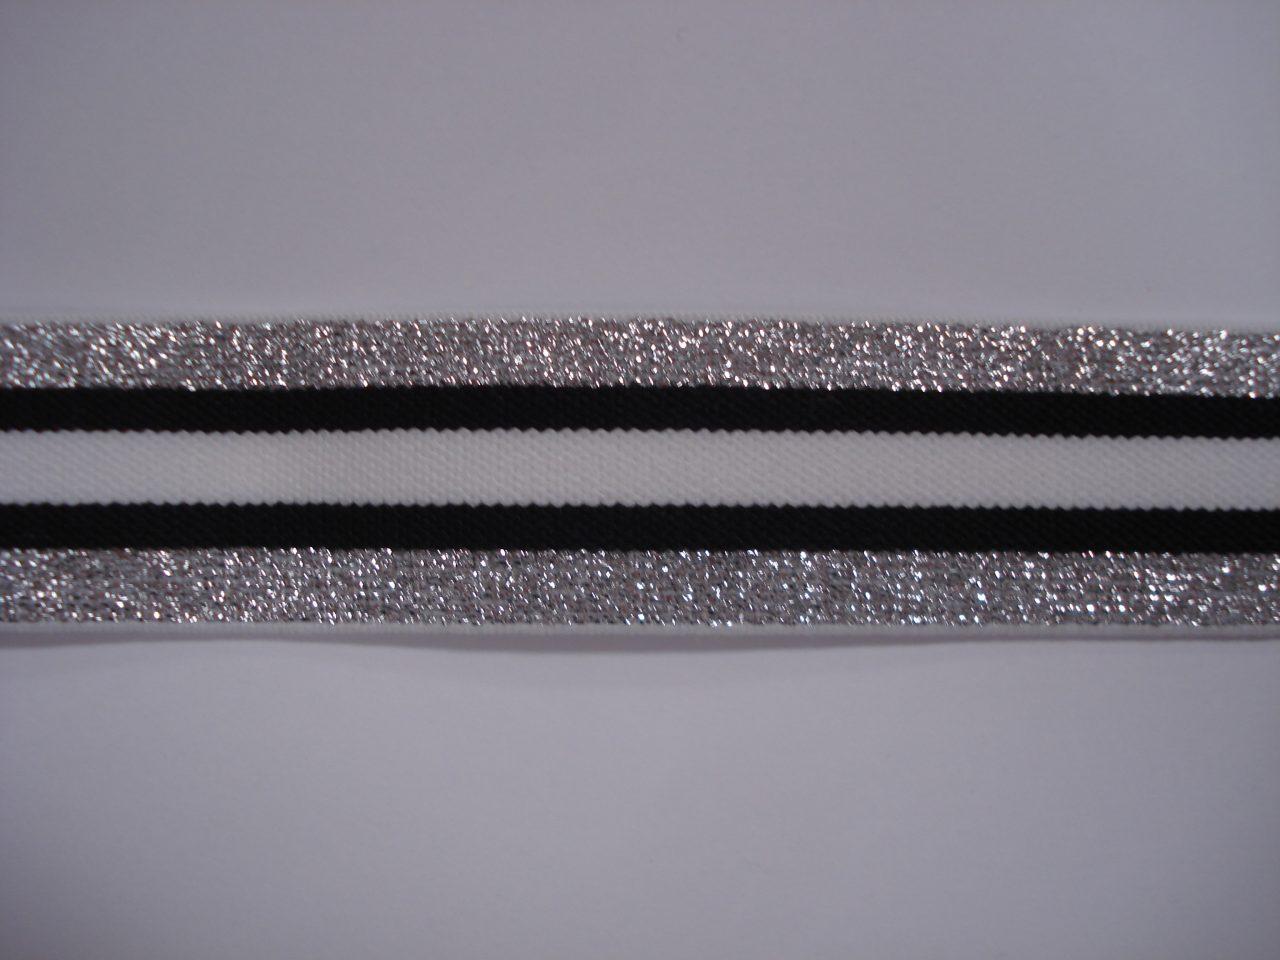 Gestreept Elastiek zilver/zwart/wit/zwart/zilver 30mm. halve meter €1,25.